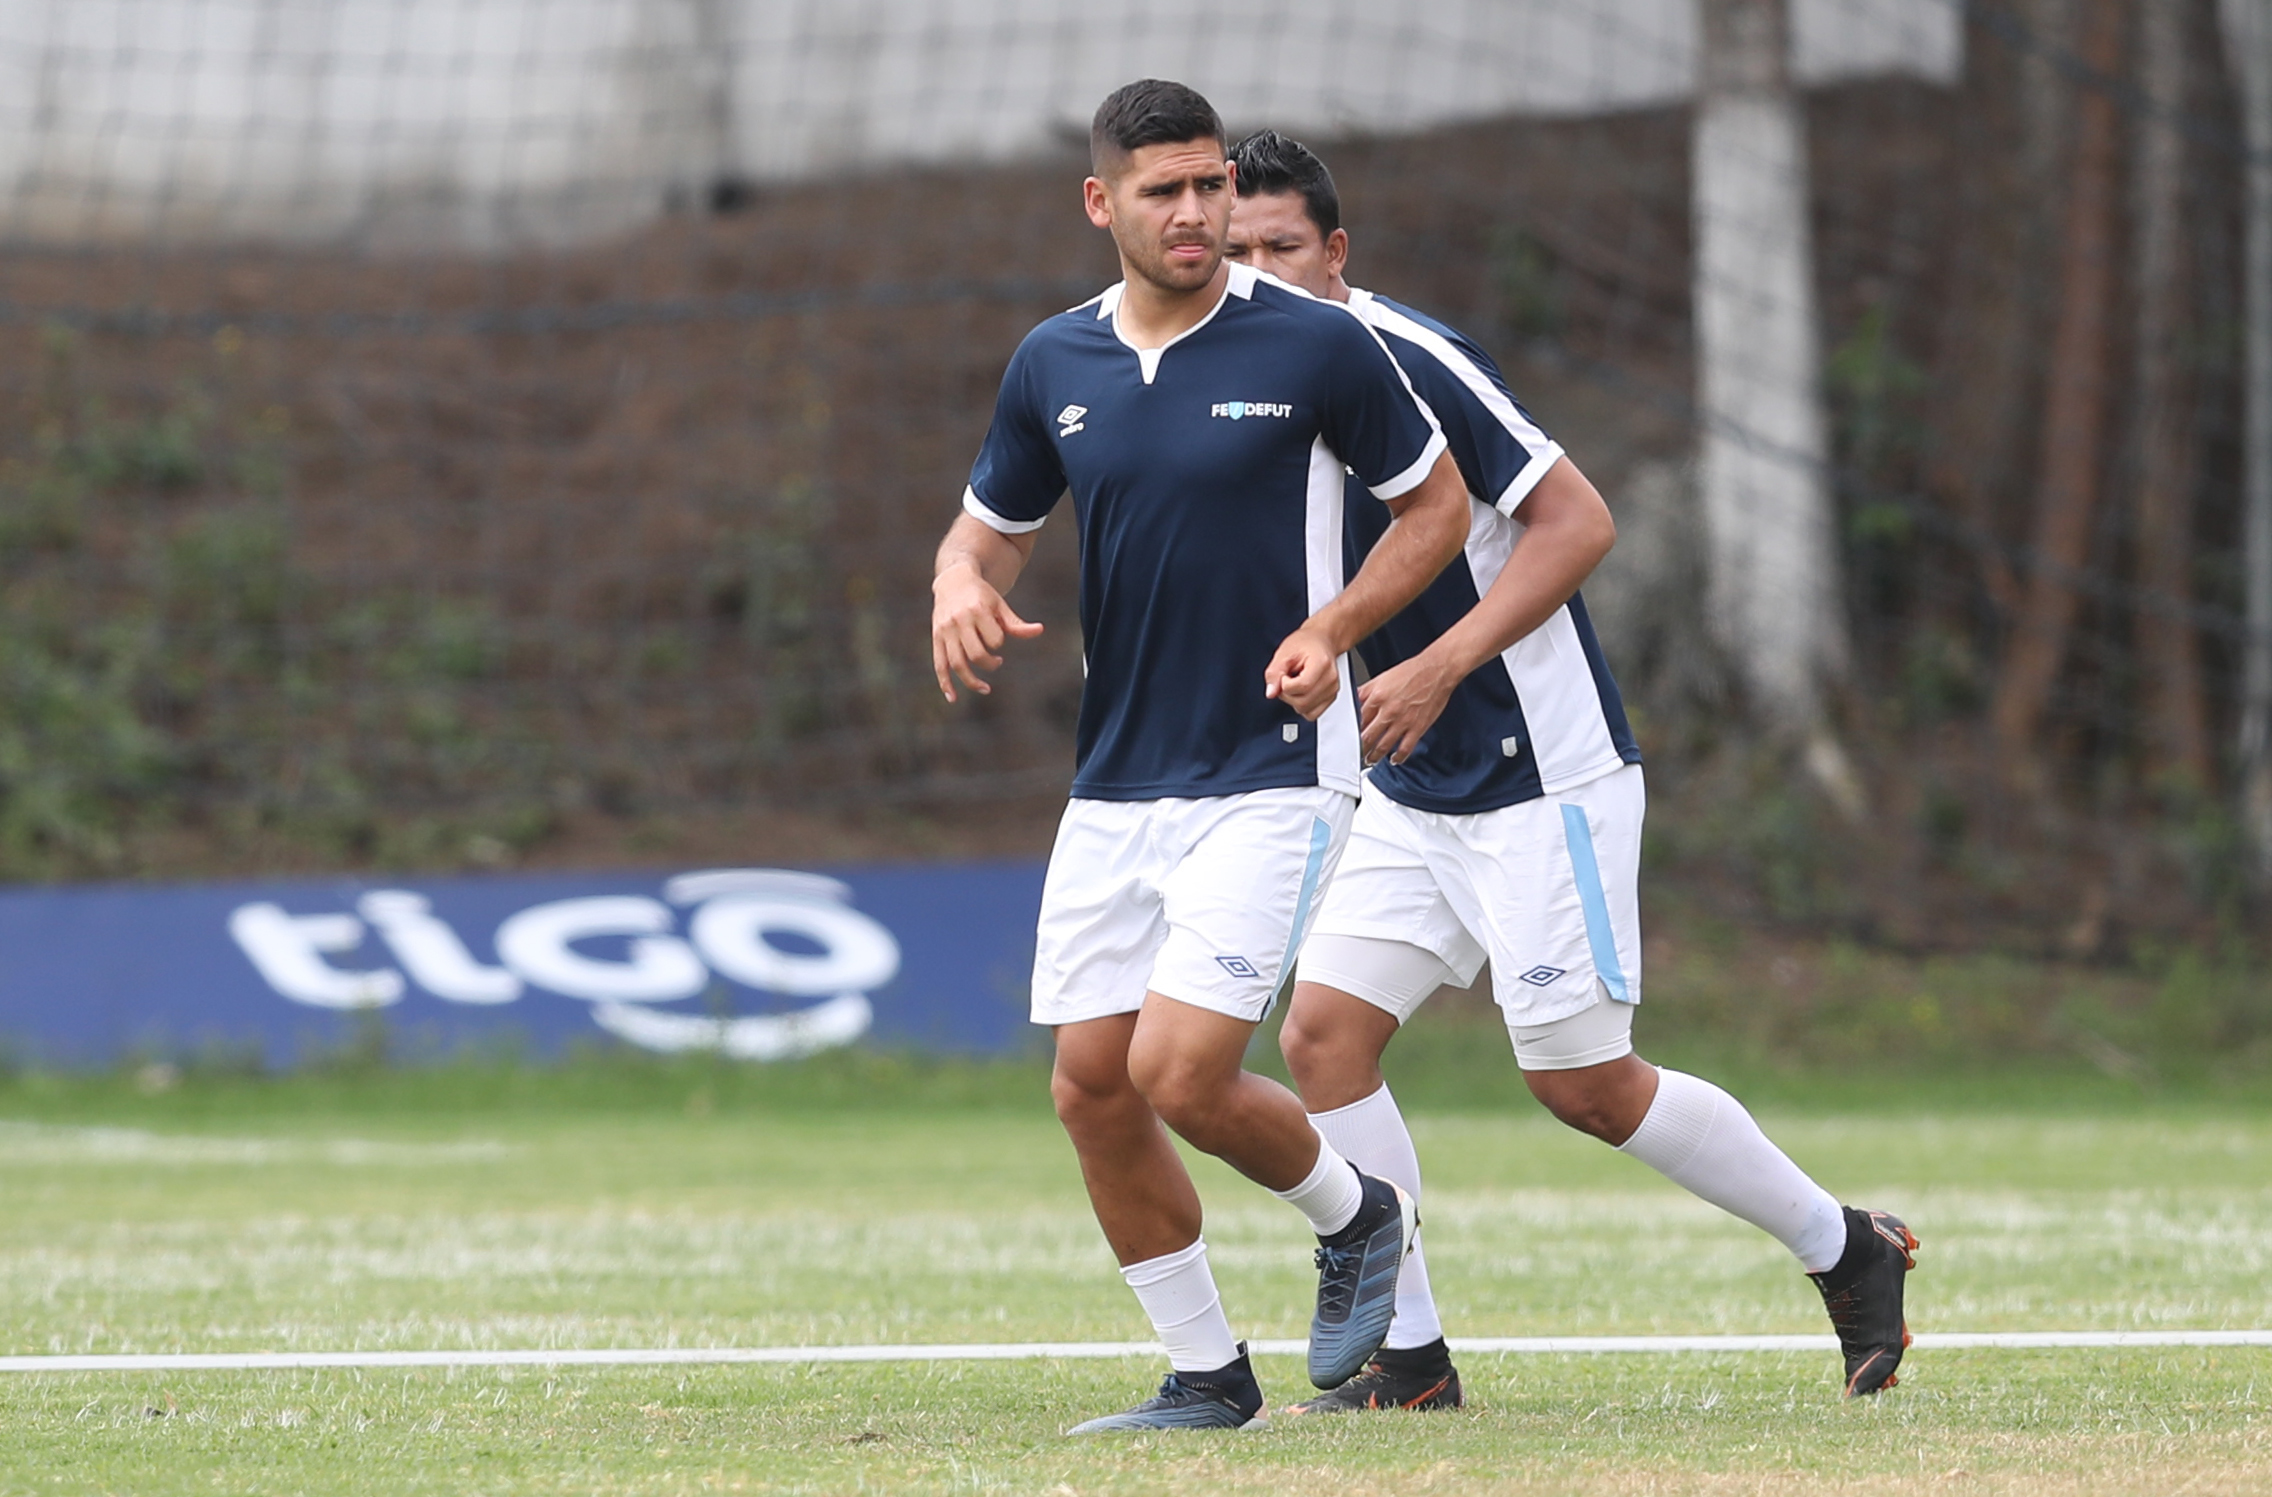 El defensa José Carlos Pinto será uno de los hombres que enfrentarán a Costa Rica. (Foto Prensa Libre: Francisco Sánchez).